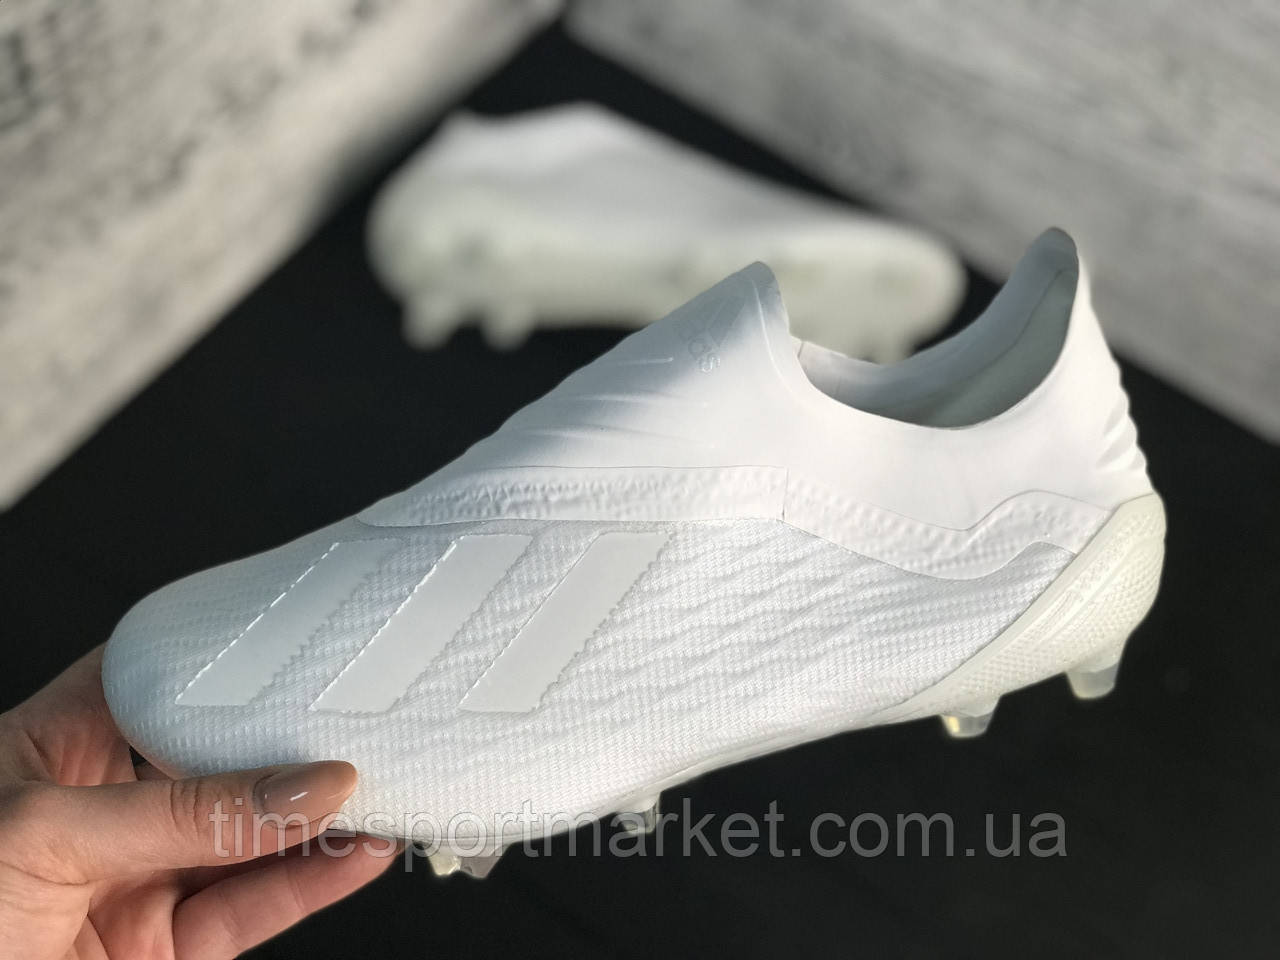 Бутсы Adidas X 18.1 (реплика)